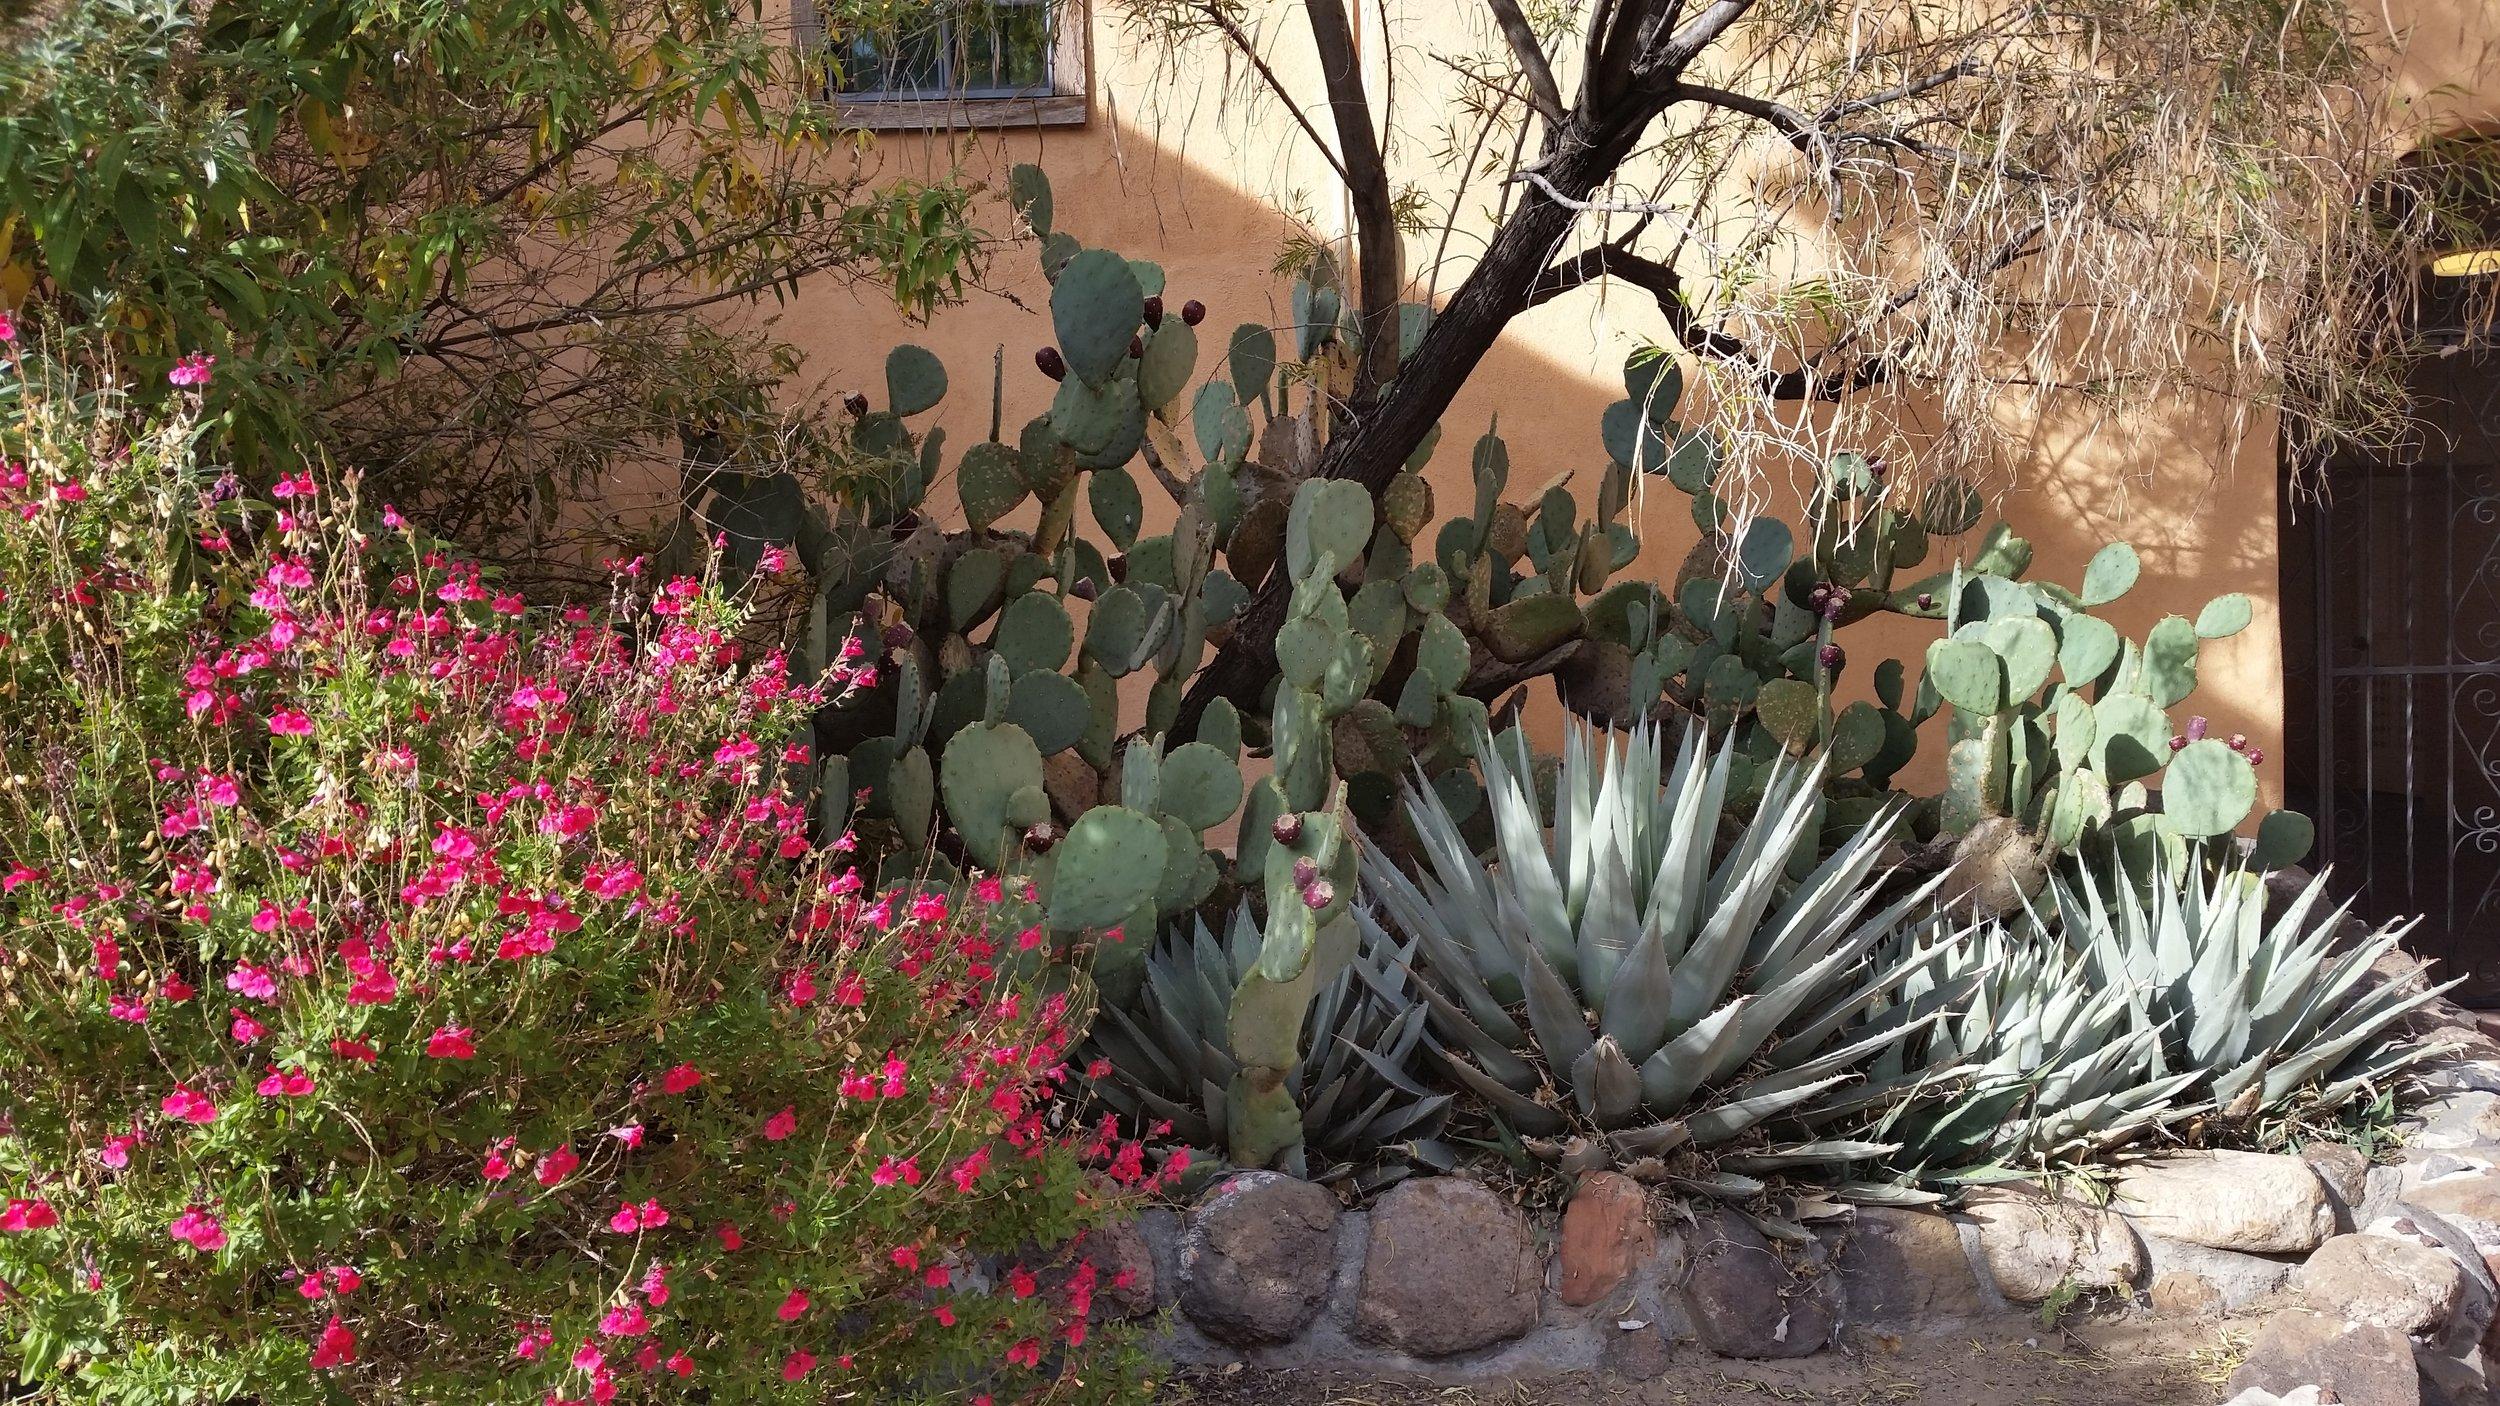 cactusandflowers.jpg